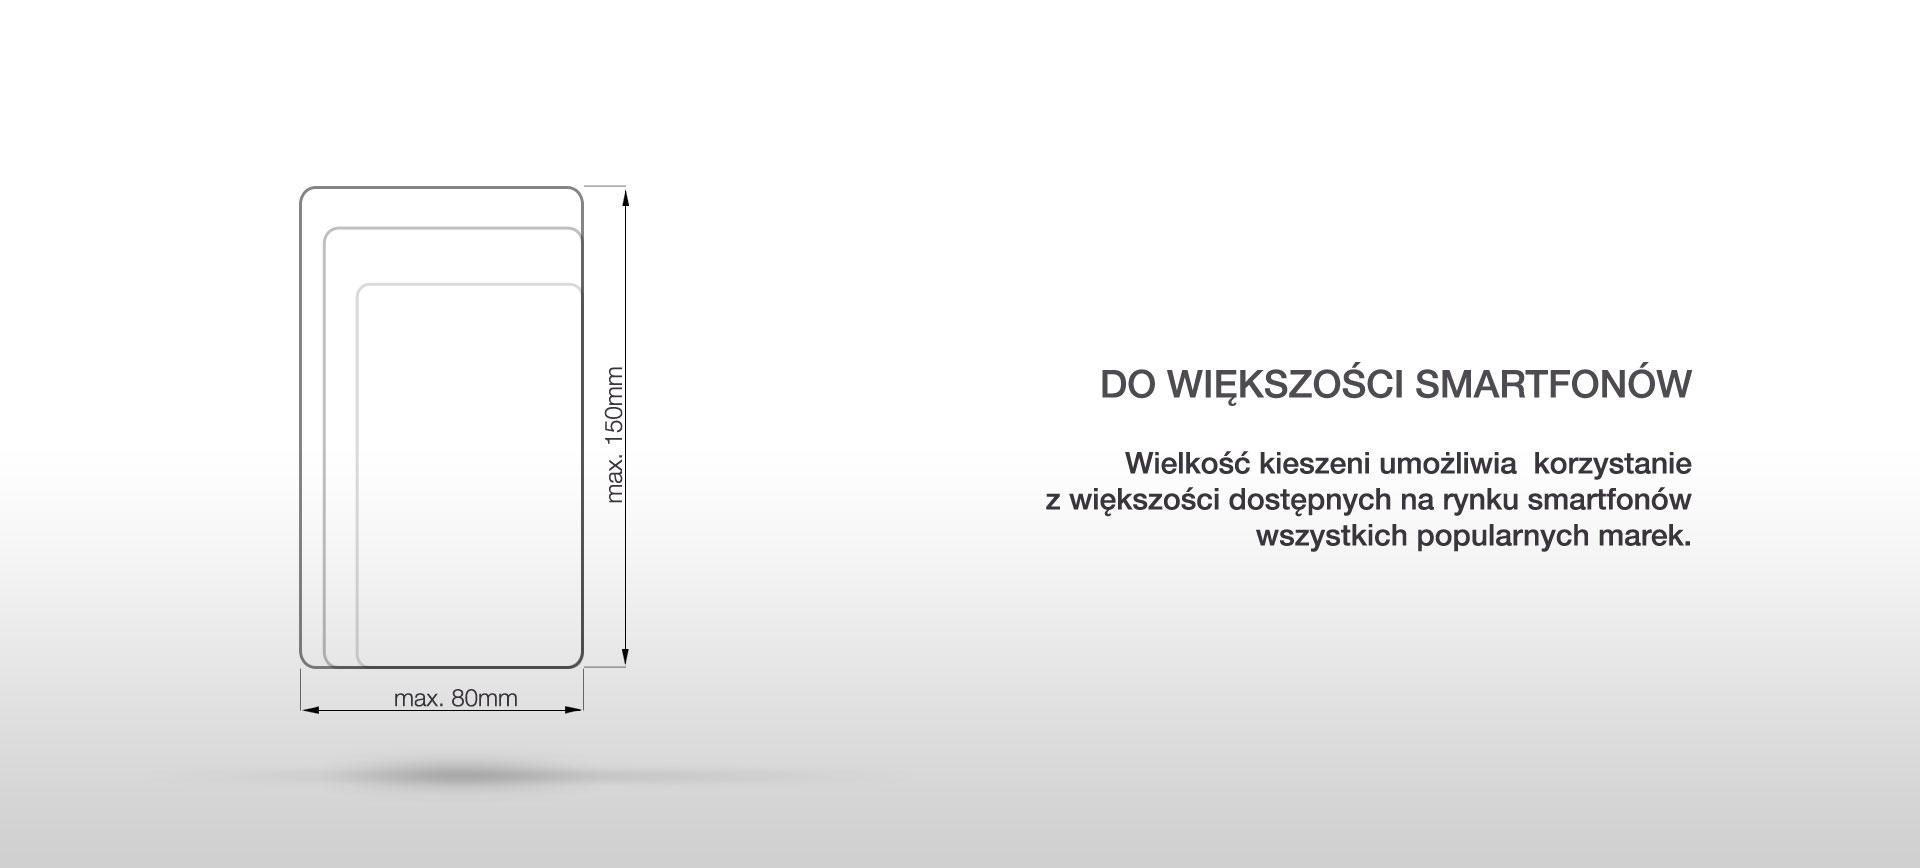 DO WIĘKSZOŚCI SMARTFONÓW. Większość kieszeni umożliwia korzystanie z większości dostępnych na rynku smartfonów wszystkich popularnych marek.